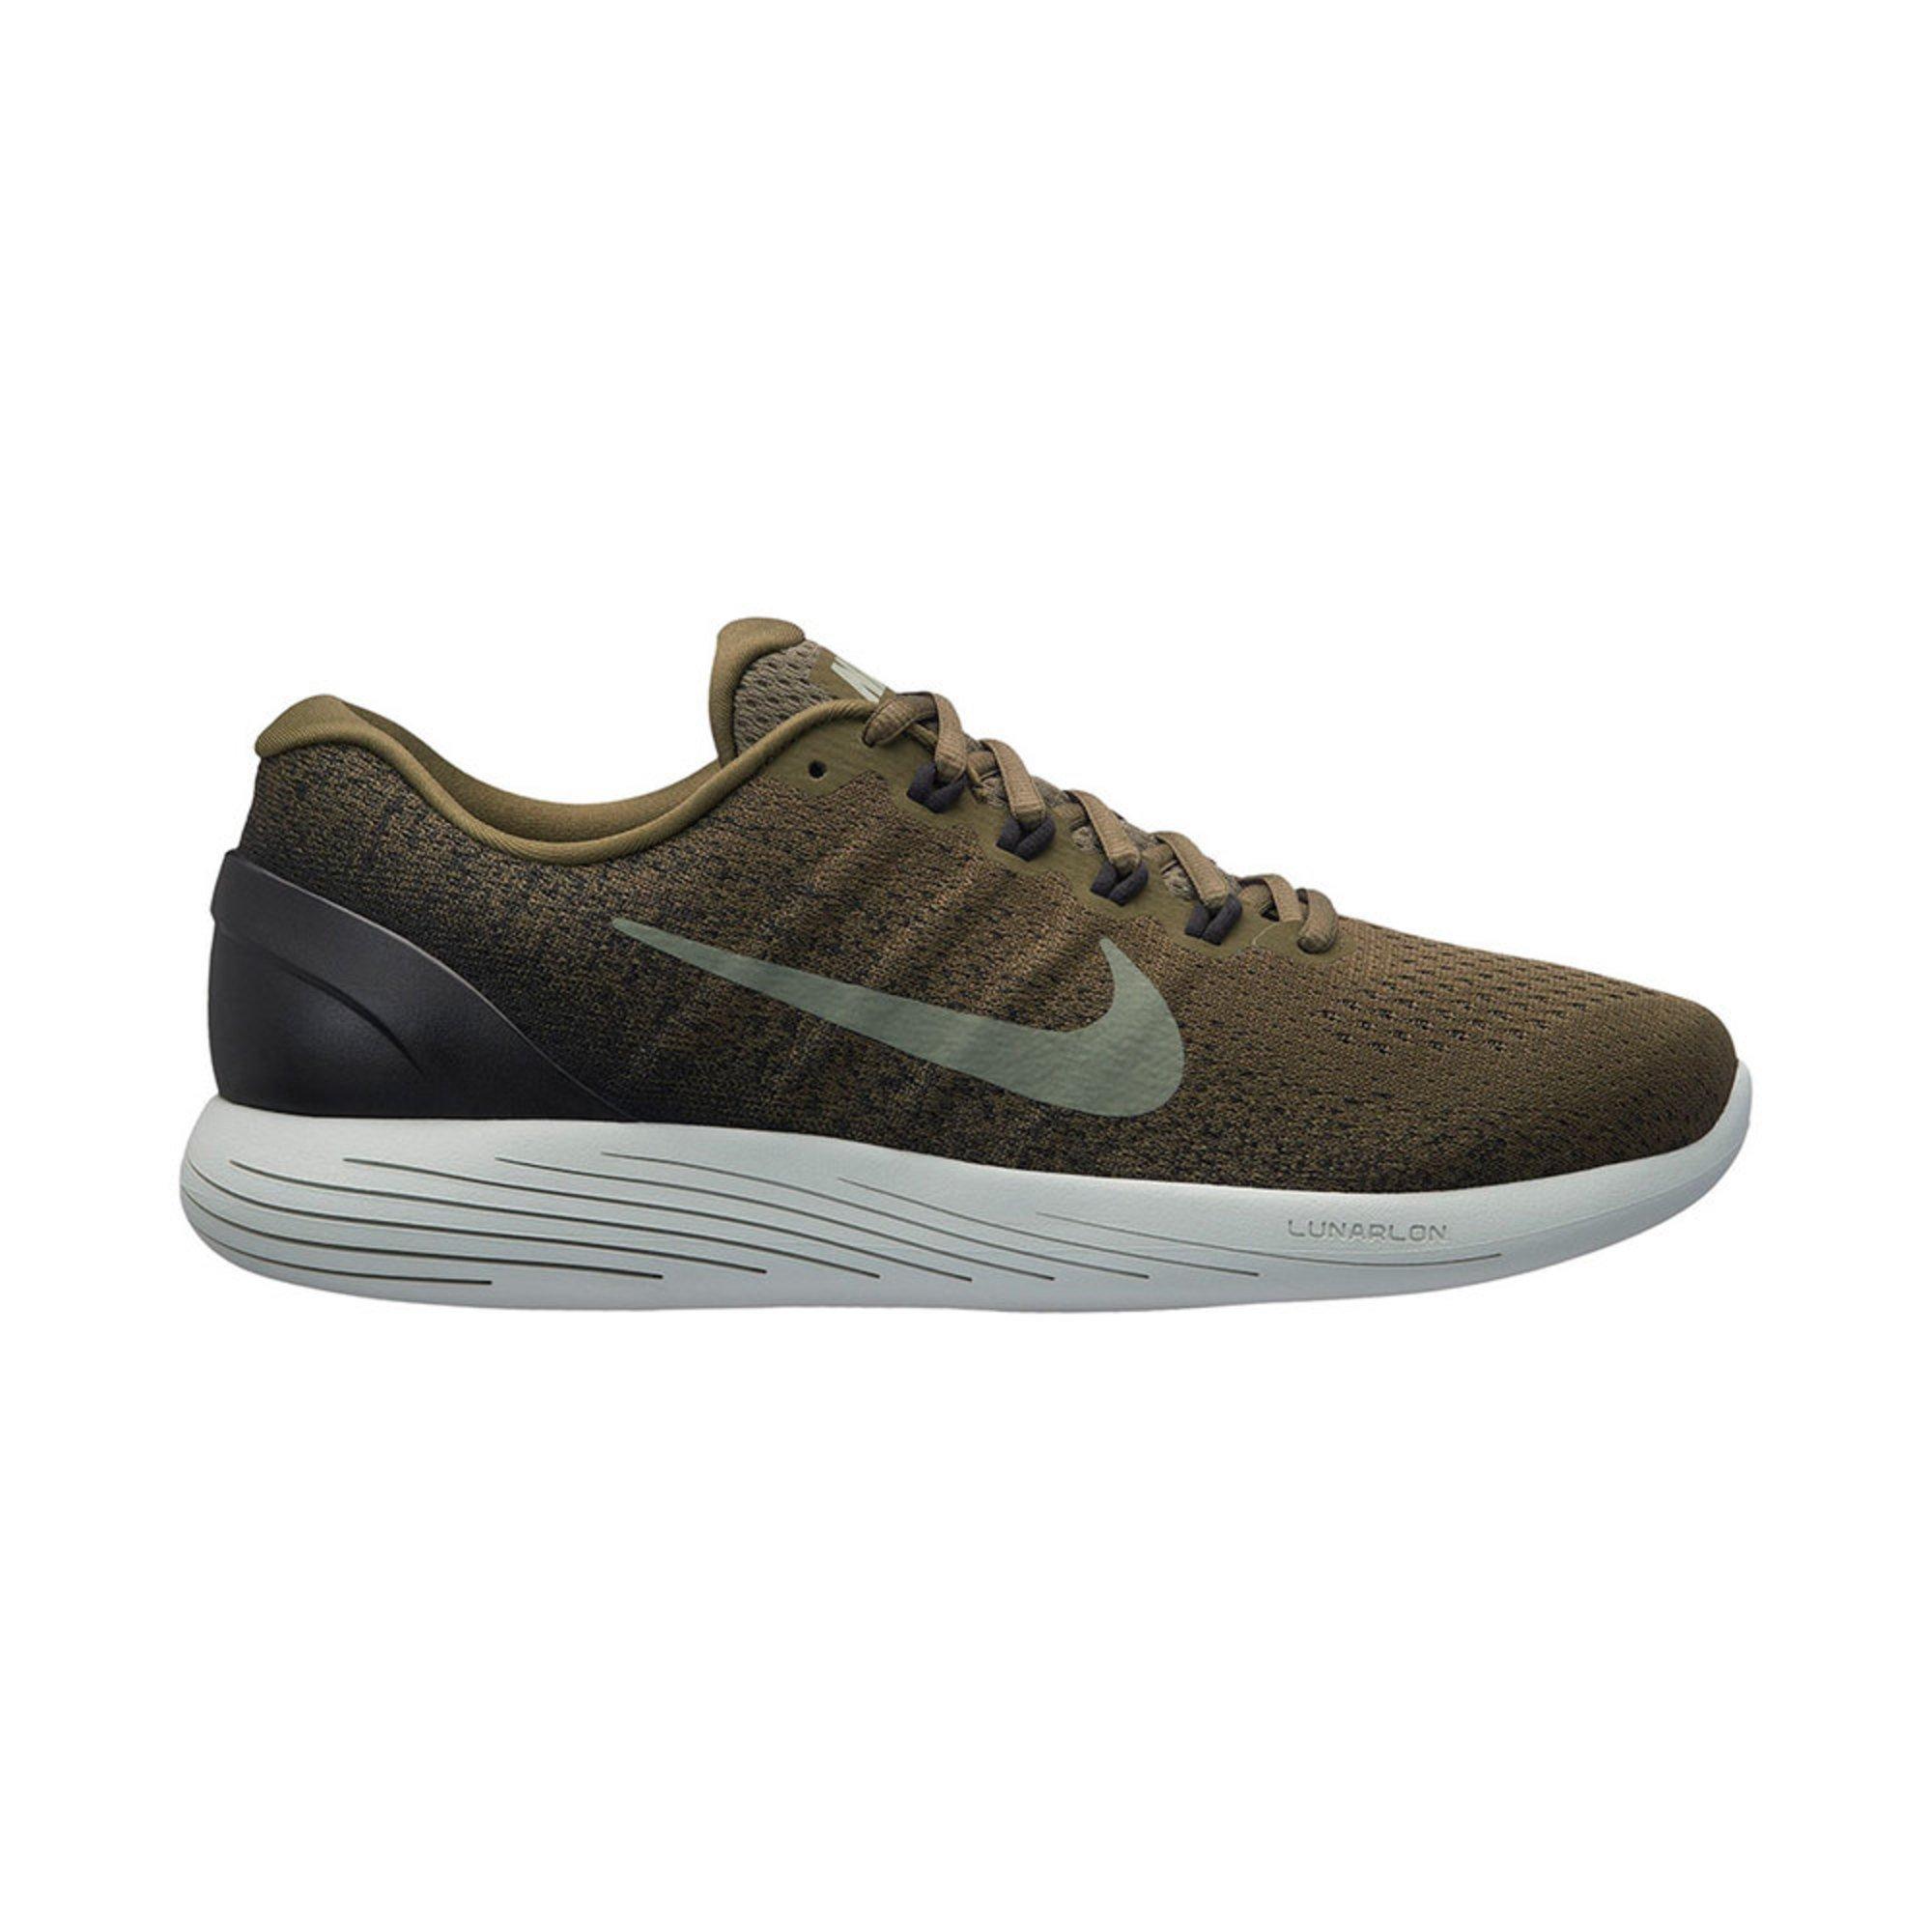 Nike Lunarglide Opinión 9 De La Mujer De Colonia De Hombre ewetPY0YUr